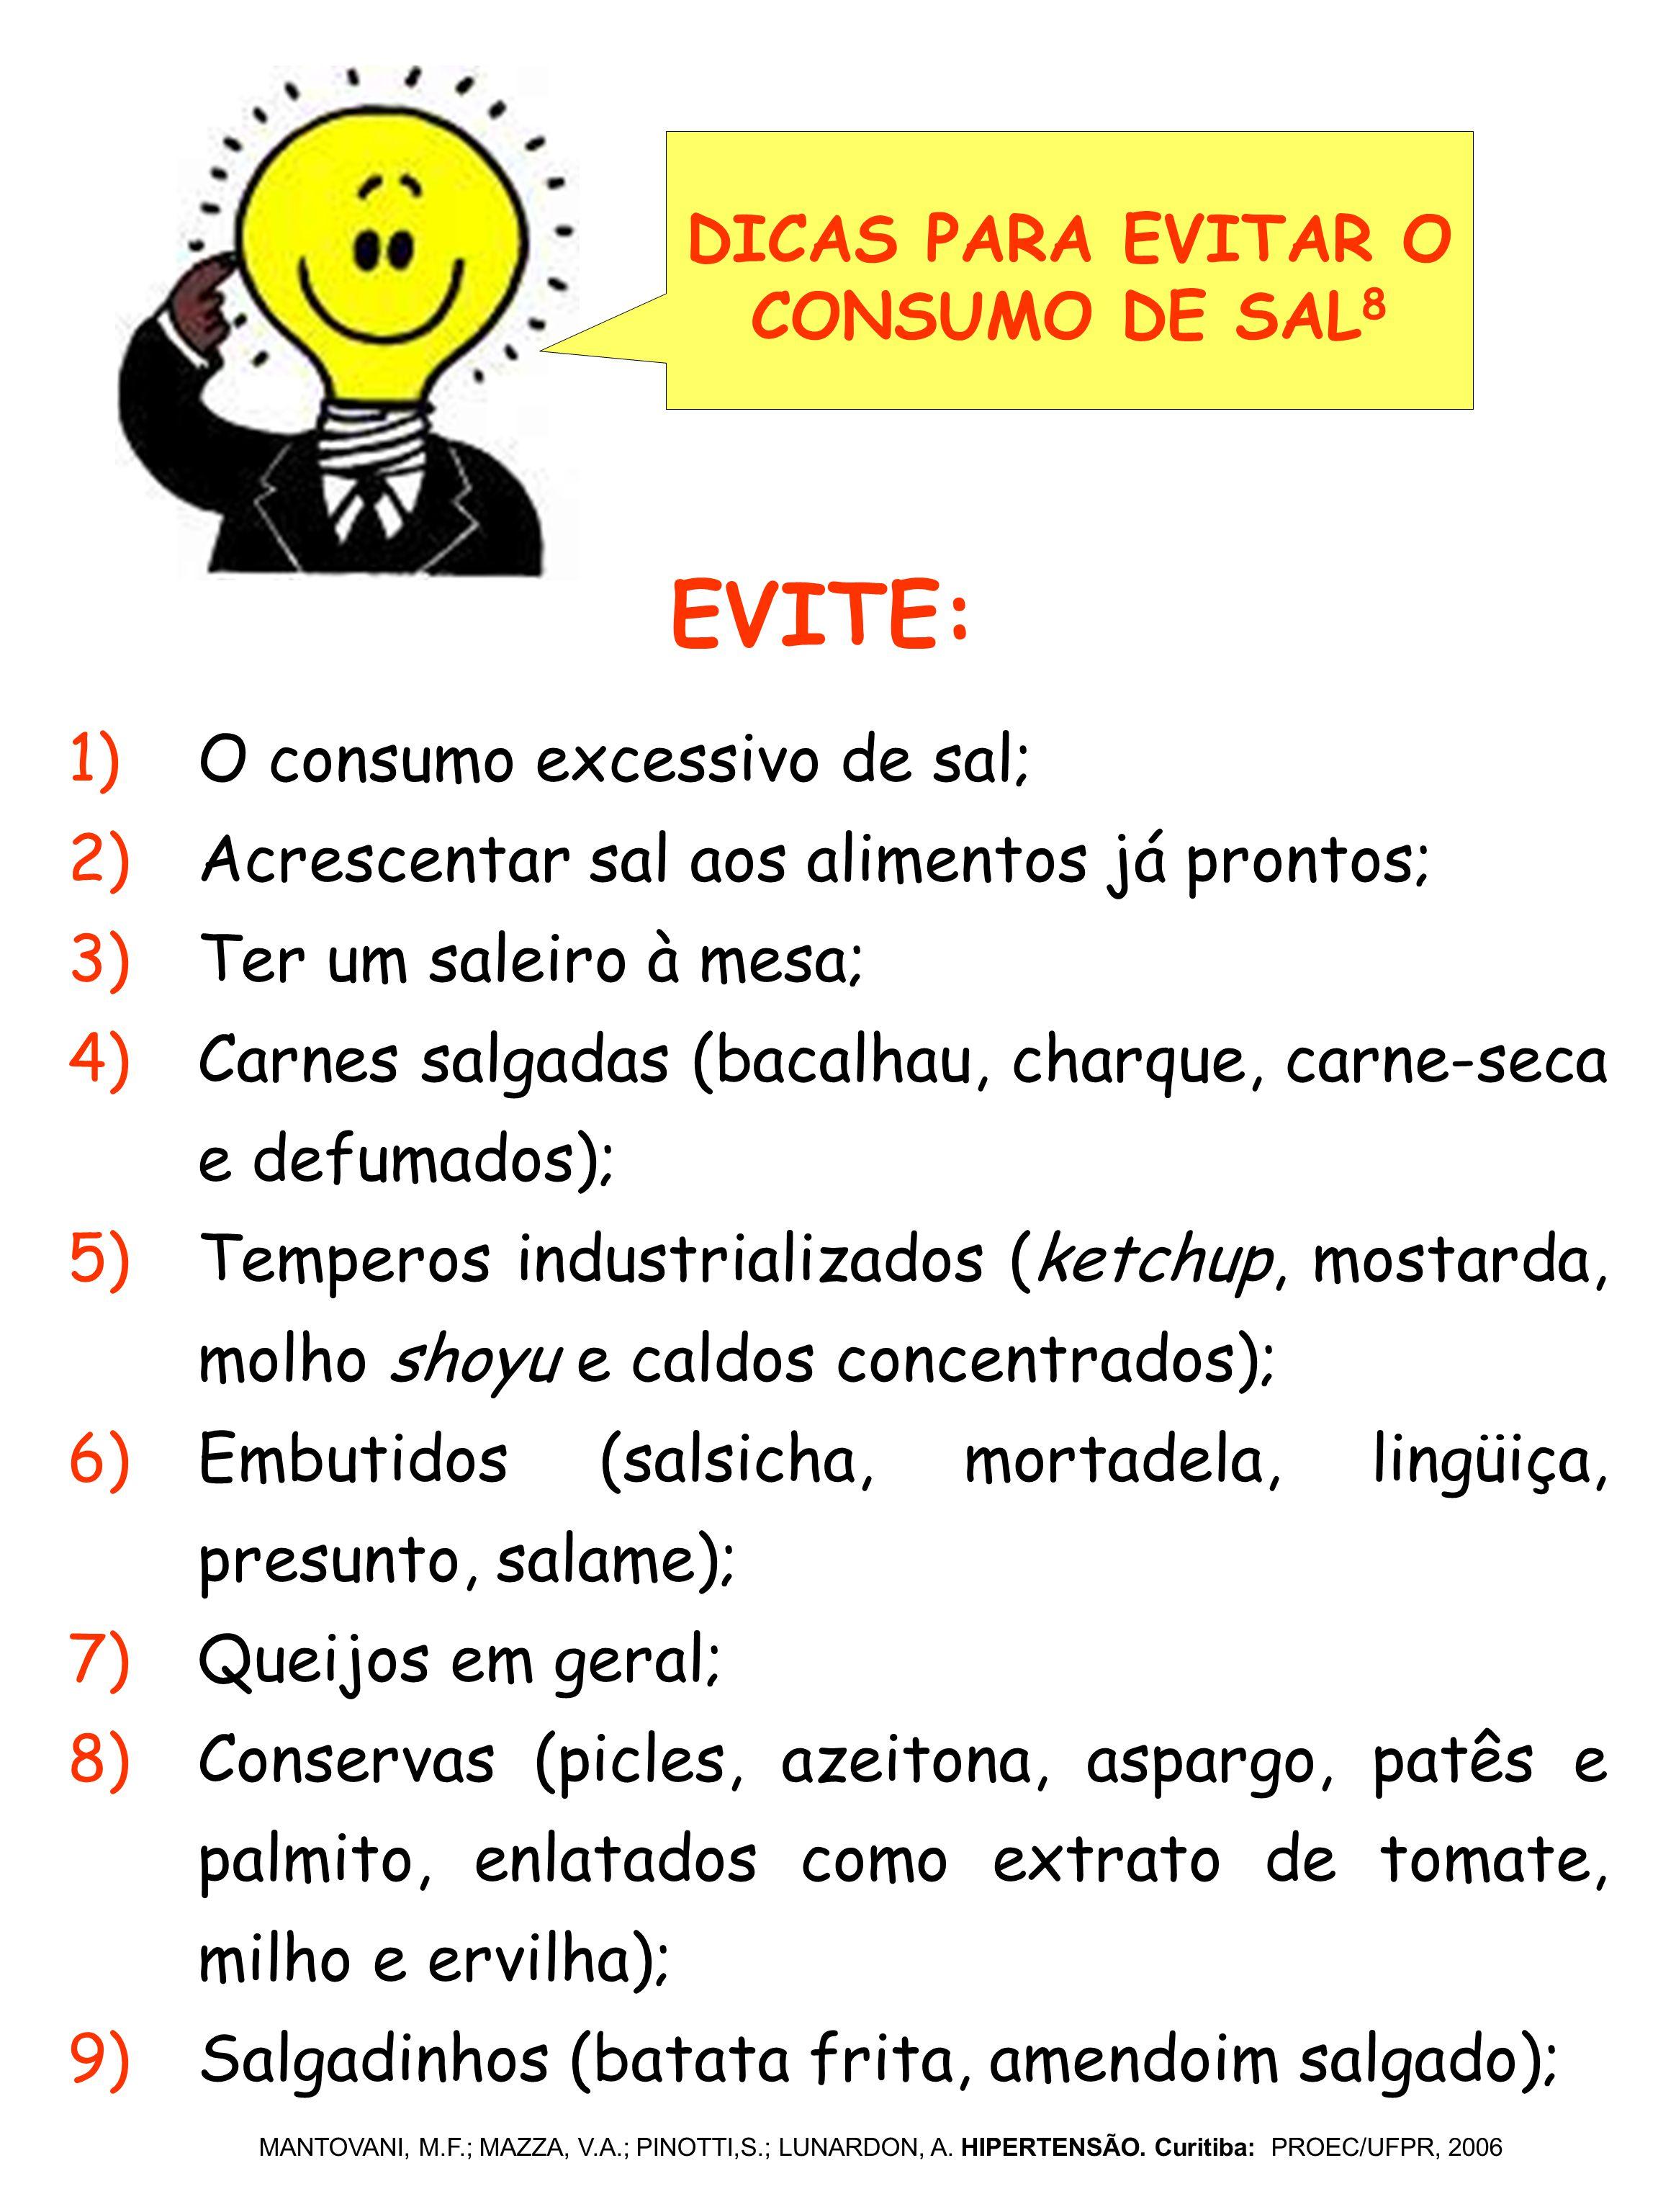 1)O consumo excessivo de sal; 2)Acrescentar sal aos alimentos já prontos; 3)Ter um saleiro à mesa; 4)Carnes salgadas (bacalhau, charque, carne-seca e